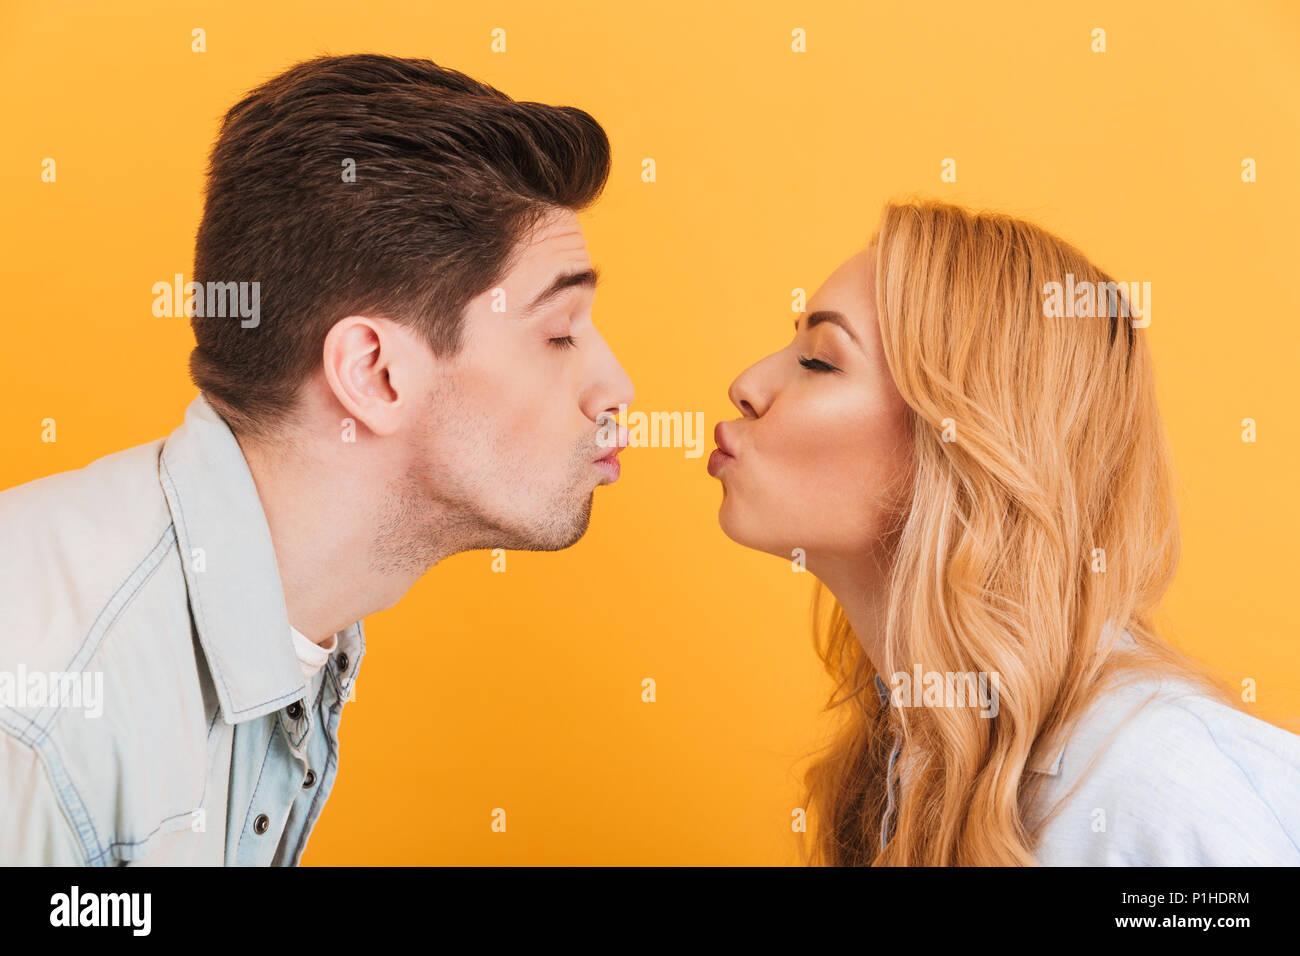 Foto del profilo del giovane bella gente in amore esprimere amore e affetto mentre baciare ogni altro con gli occhi chiusi isolate su backgroun giallo Immagini Stock